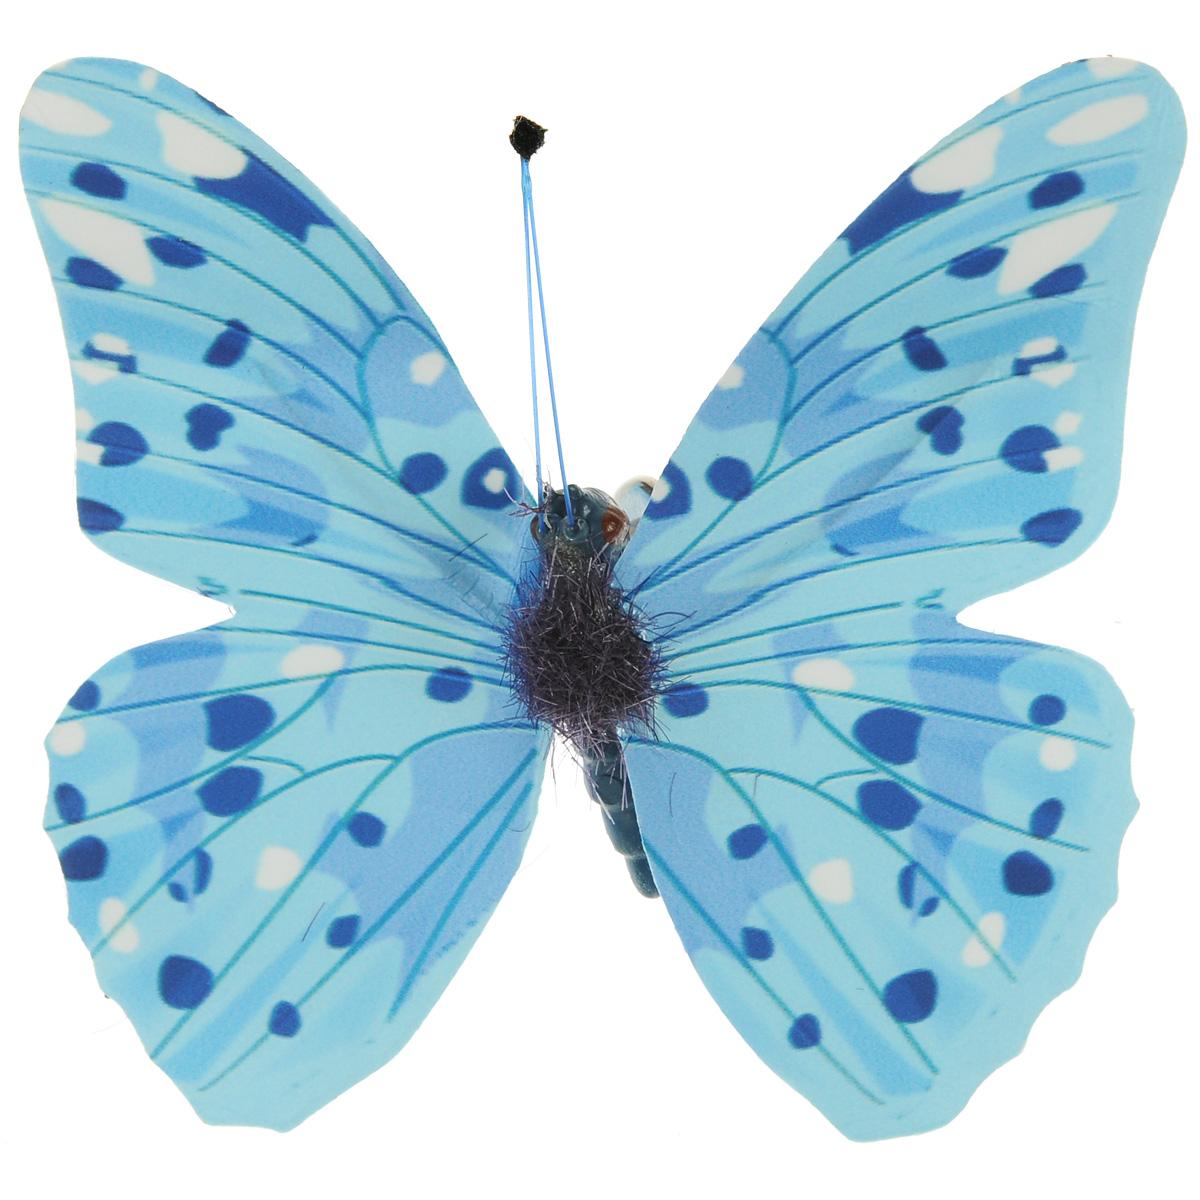 """Декоративный элемент Hobby Time """"Бабочка"""", изготовленный из текстиля, предназначен для декорирования. Он может пригодиться в оформлении одежды, предметов интерьера, подарков, цветочных букетов, а также в скрапбукинге. Изделие выполнено в виде яркой бабочки, декорированной оригинальным узором. С оборотной стороны бабочка оснащена металлической клипсой."""